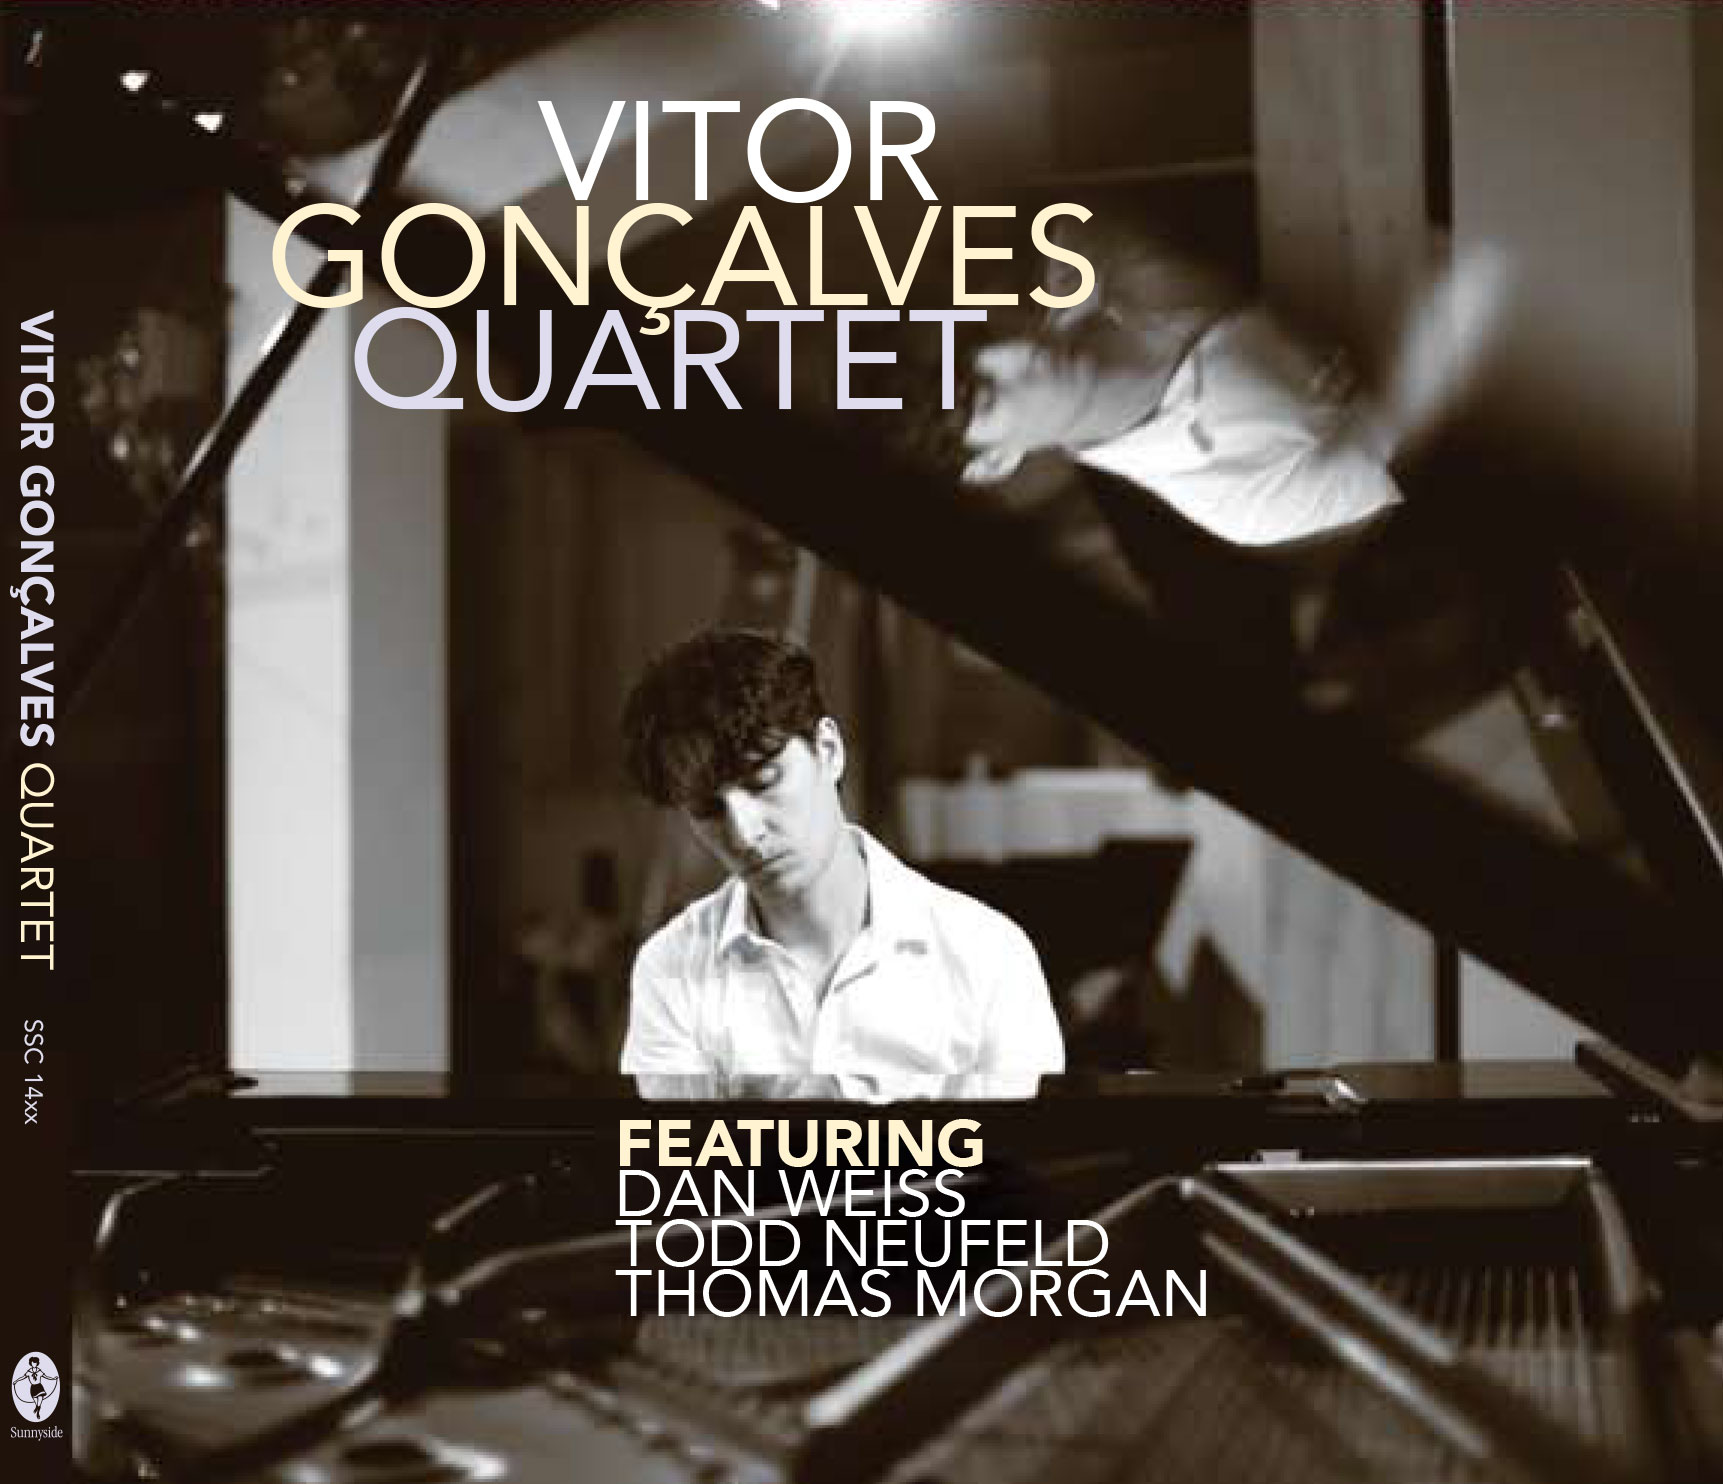 Vitor-Goncalves-Quartet-Album-Cover-2017.jpg